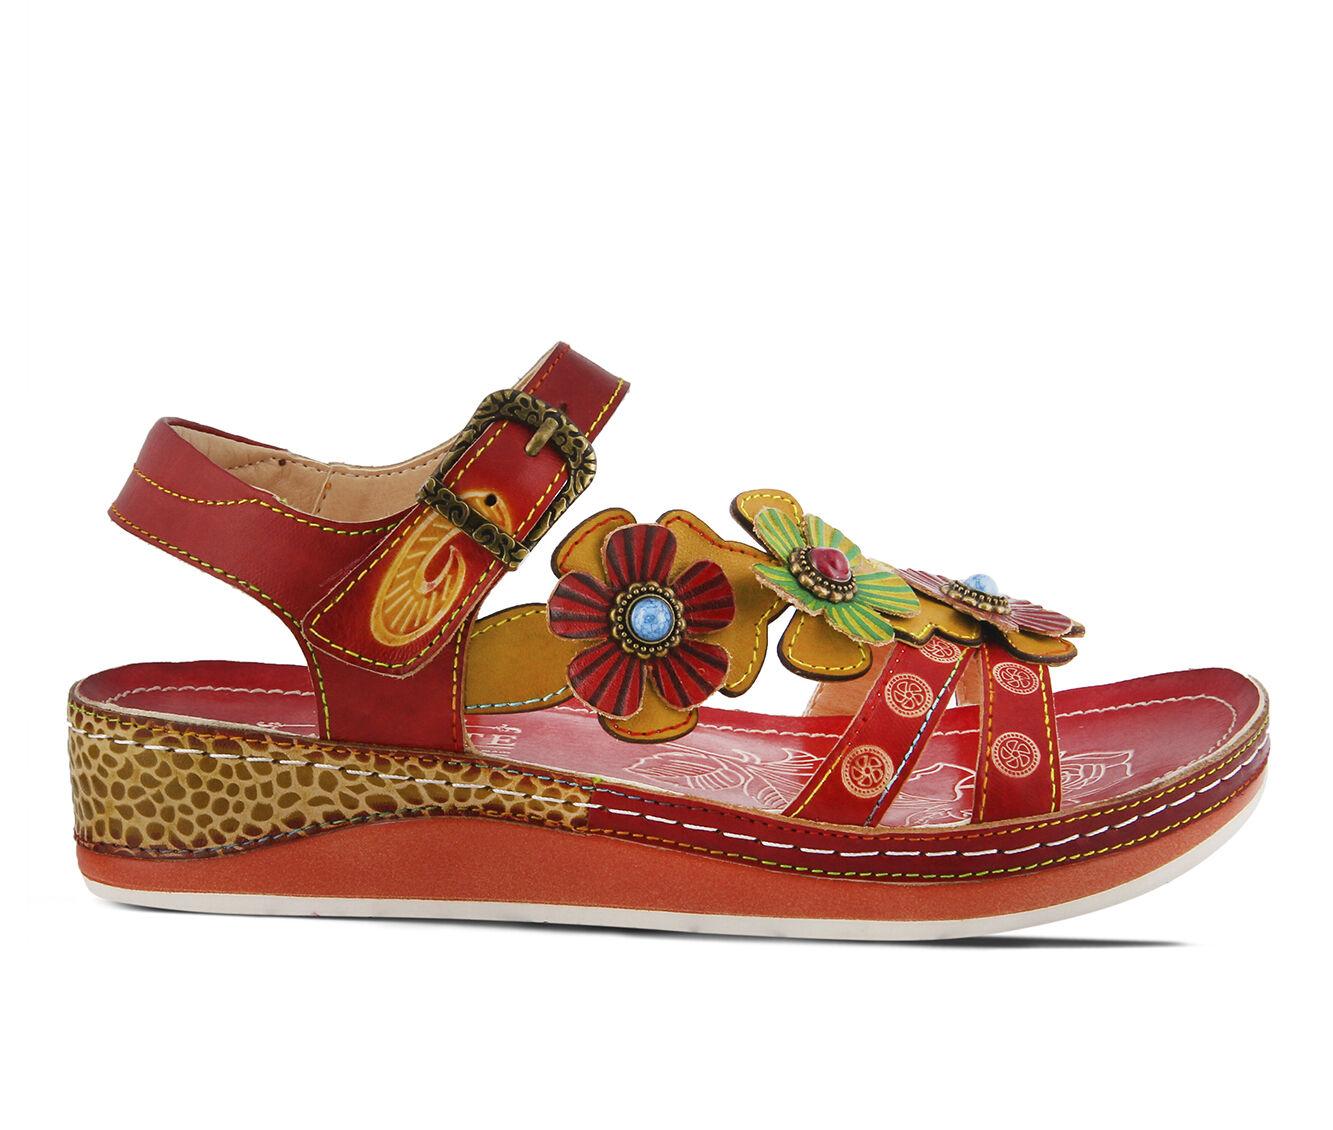 Women's L'ARTISTE Goodie Sandals Red